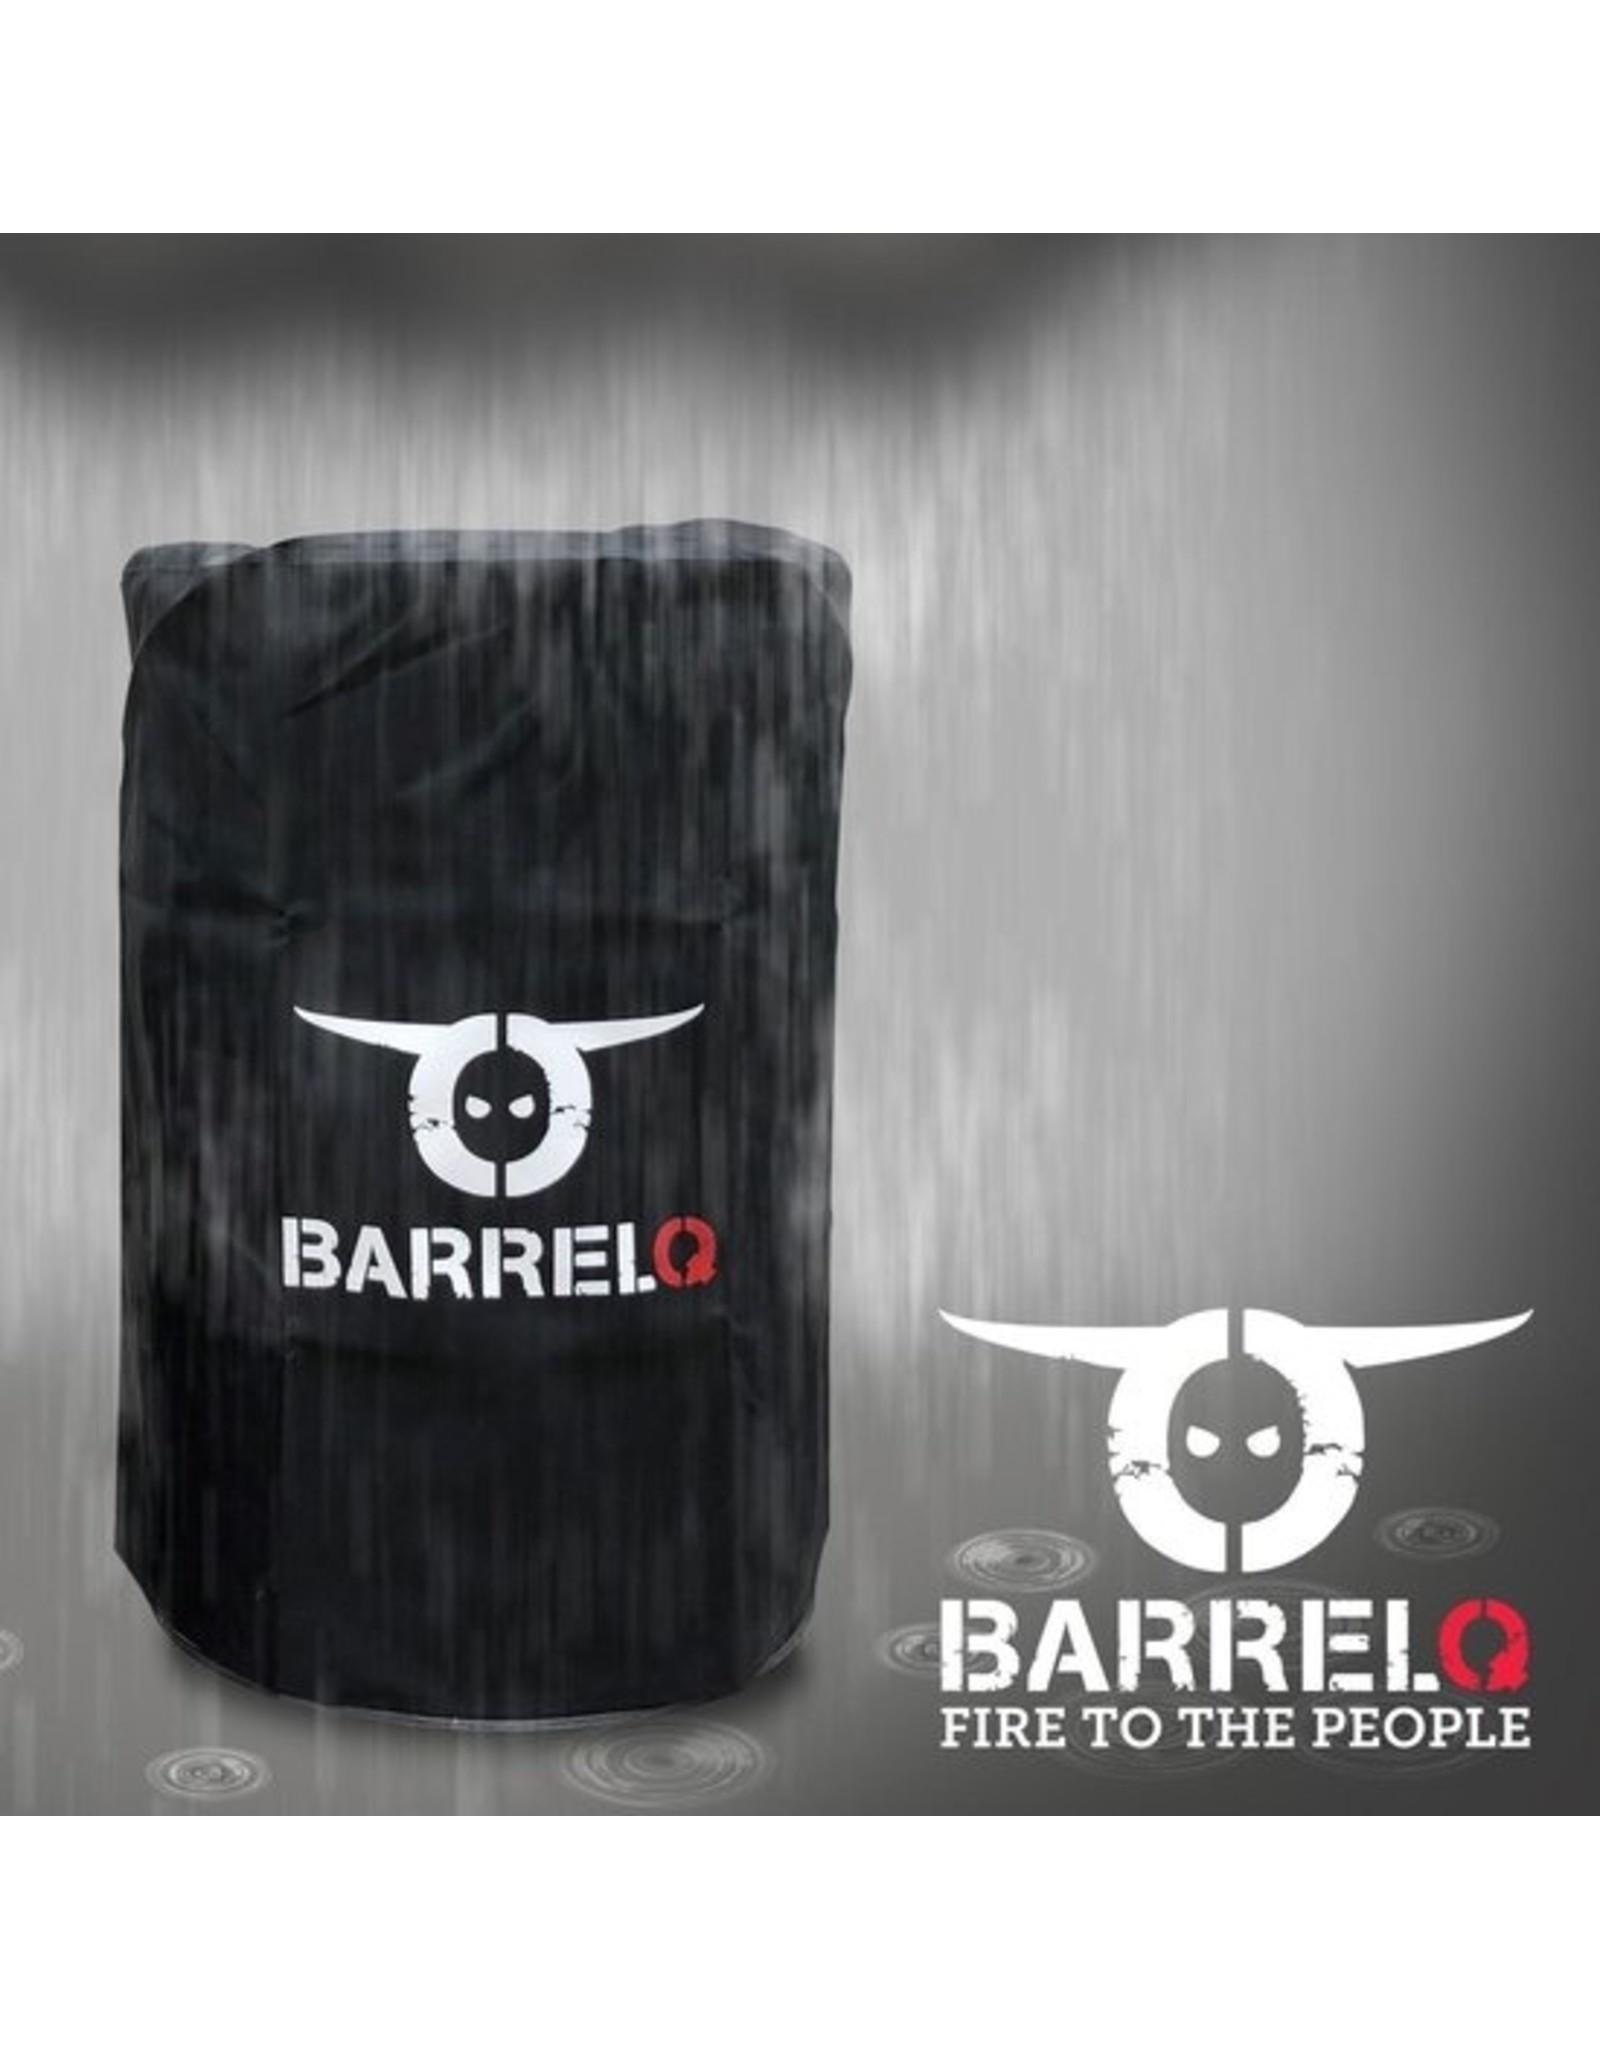 BarrelQ BarrelQ Small Barbecue, vuurkorf en statafel in één incl. beschermhoes